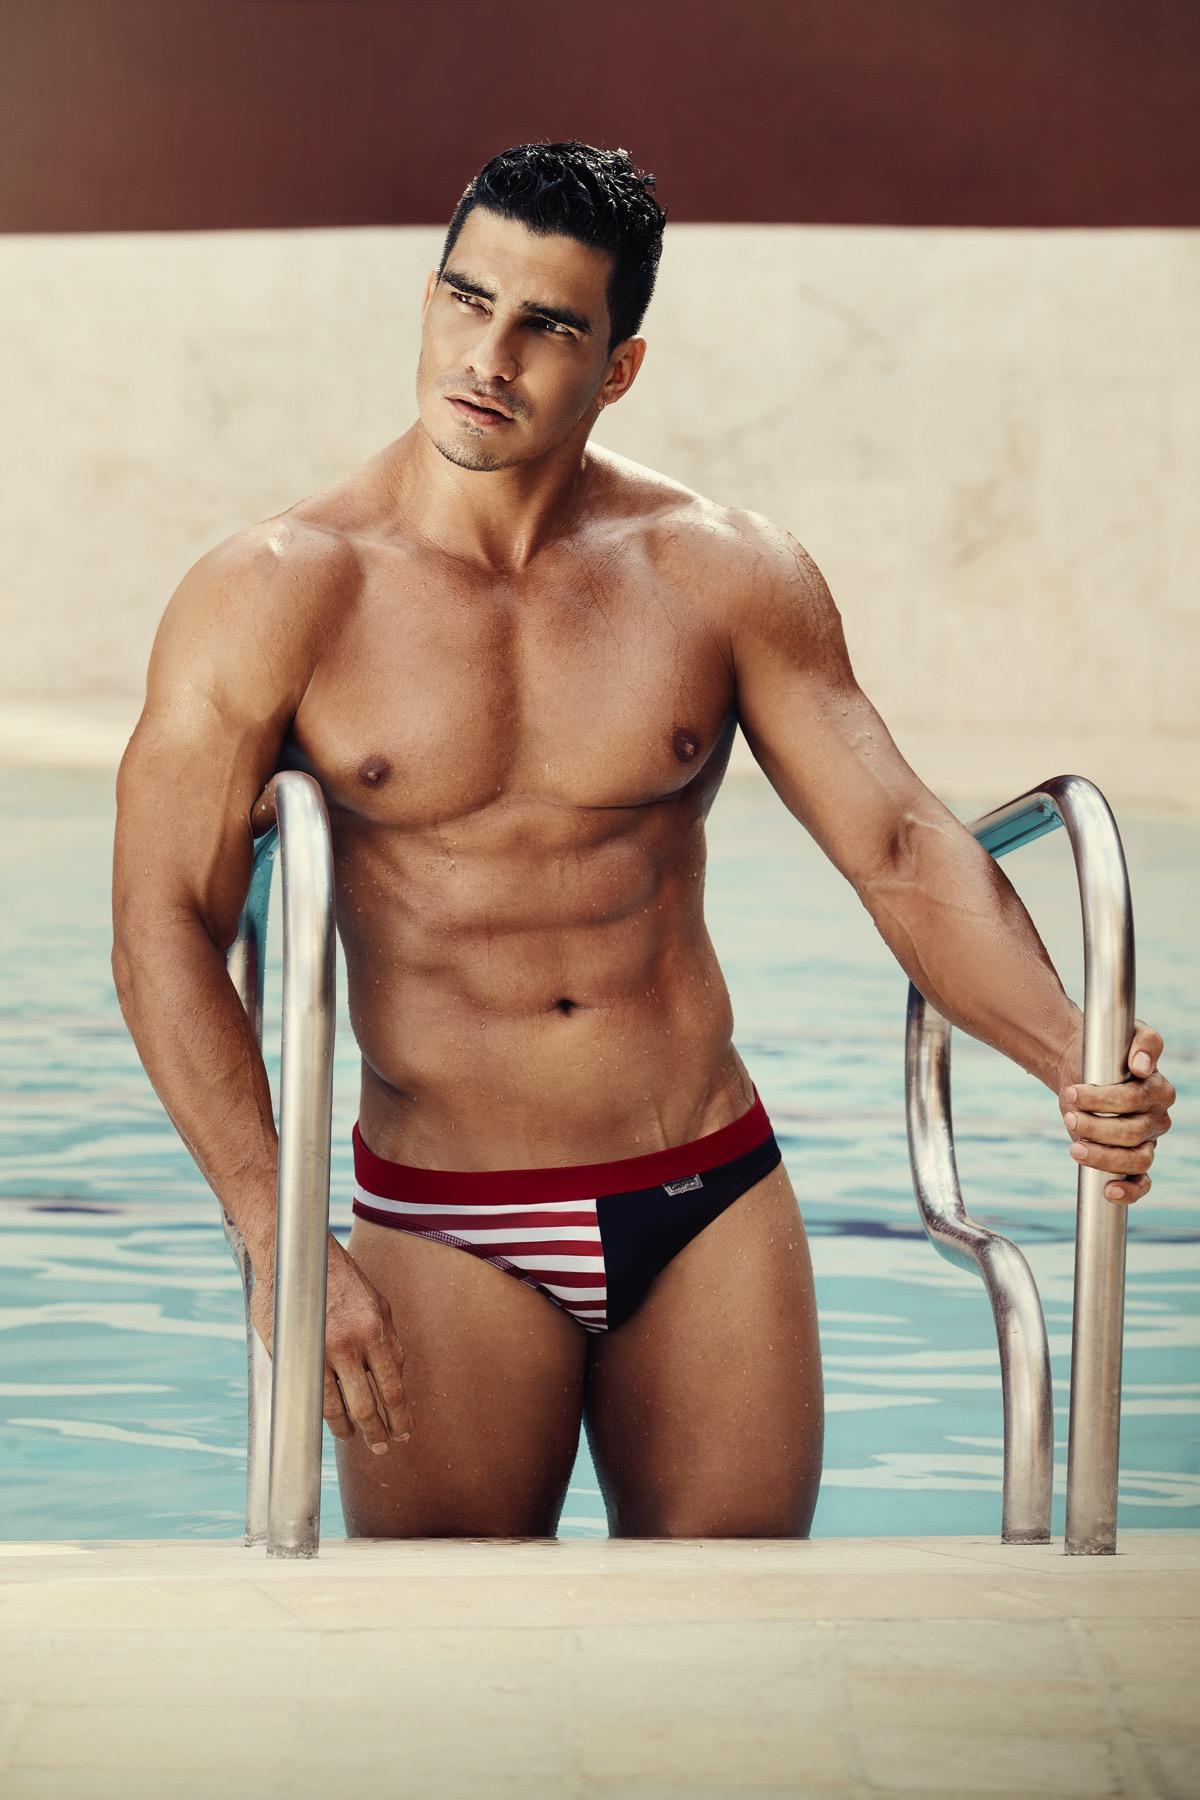 Get wild with Candyman Swimwear